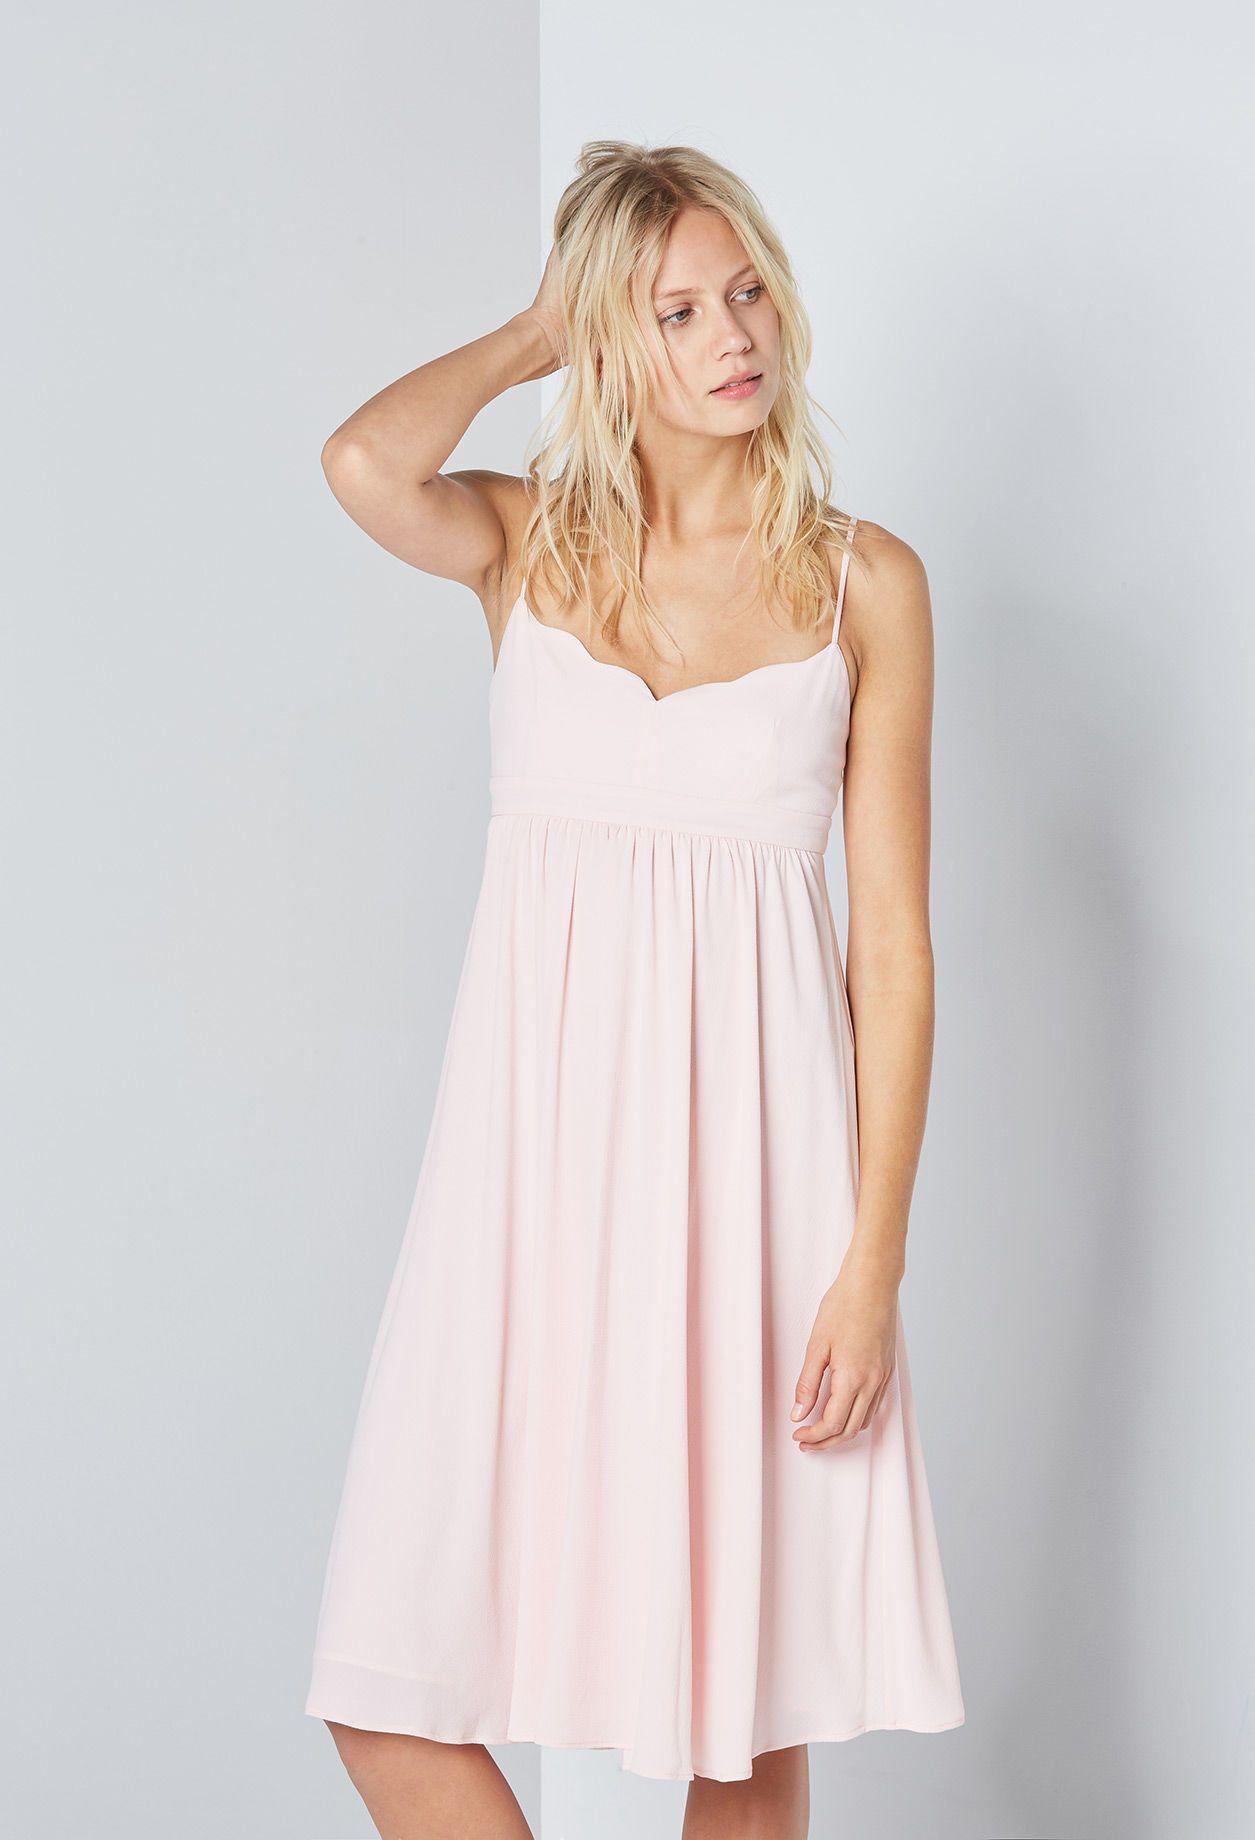 RIMBAUD - Catégories - Claudie Pierlot | robes roses | Pinterest